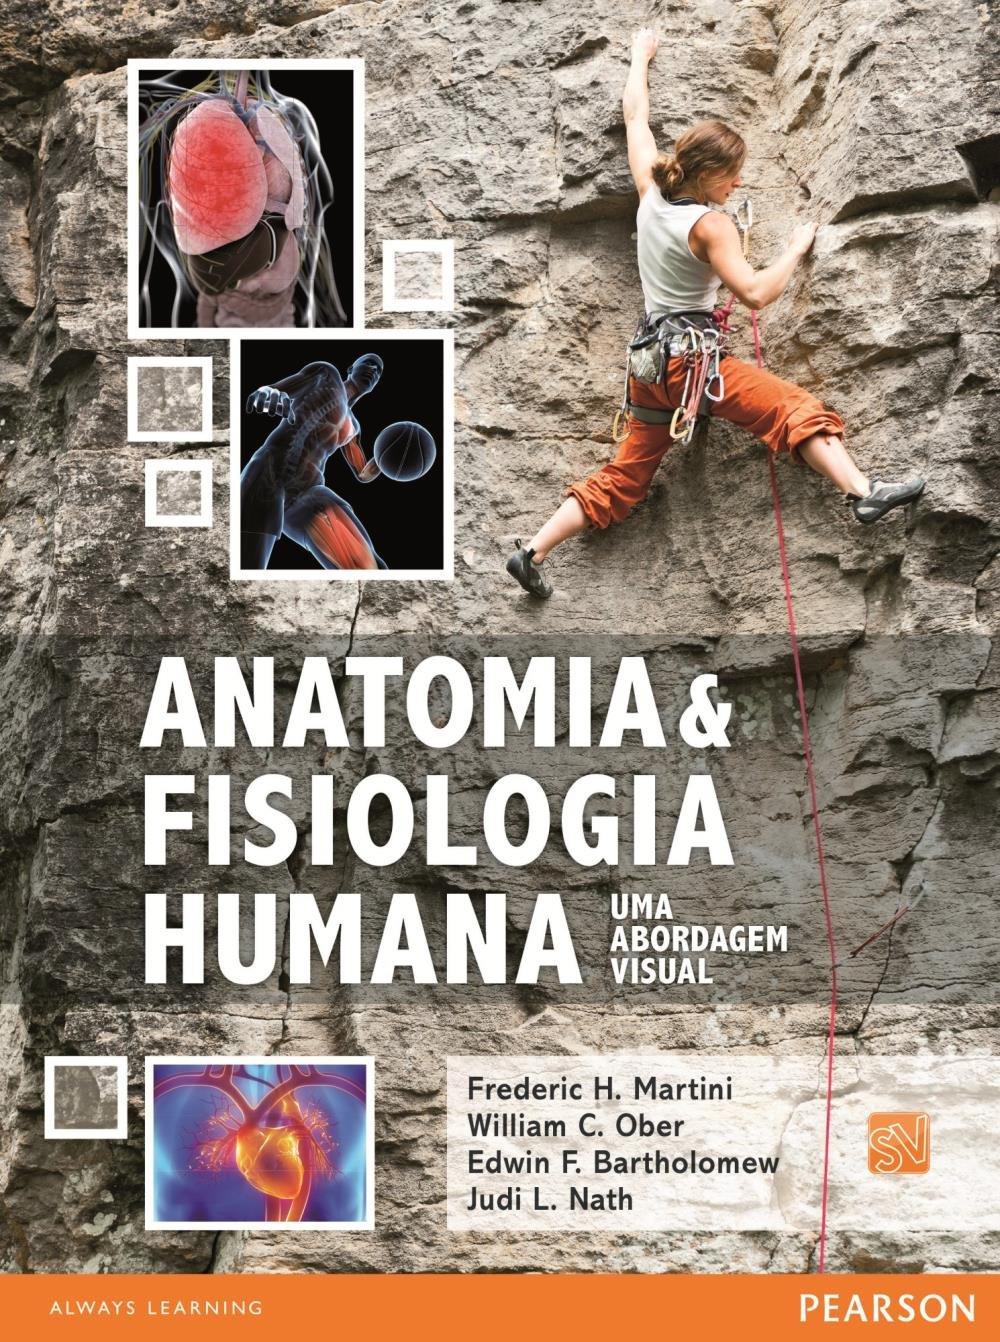 Anatomia E Fisiologia Humana Uma Abordagem Visual Saraiva